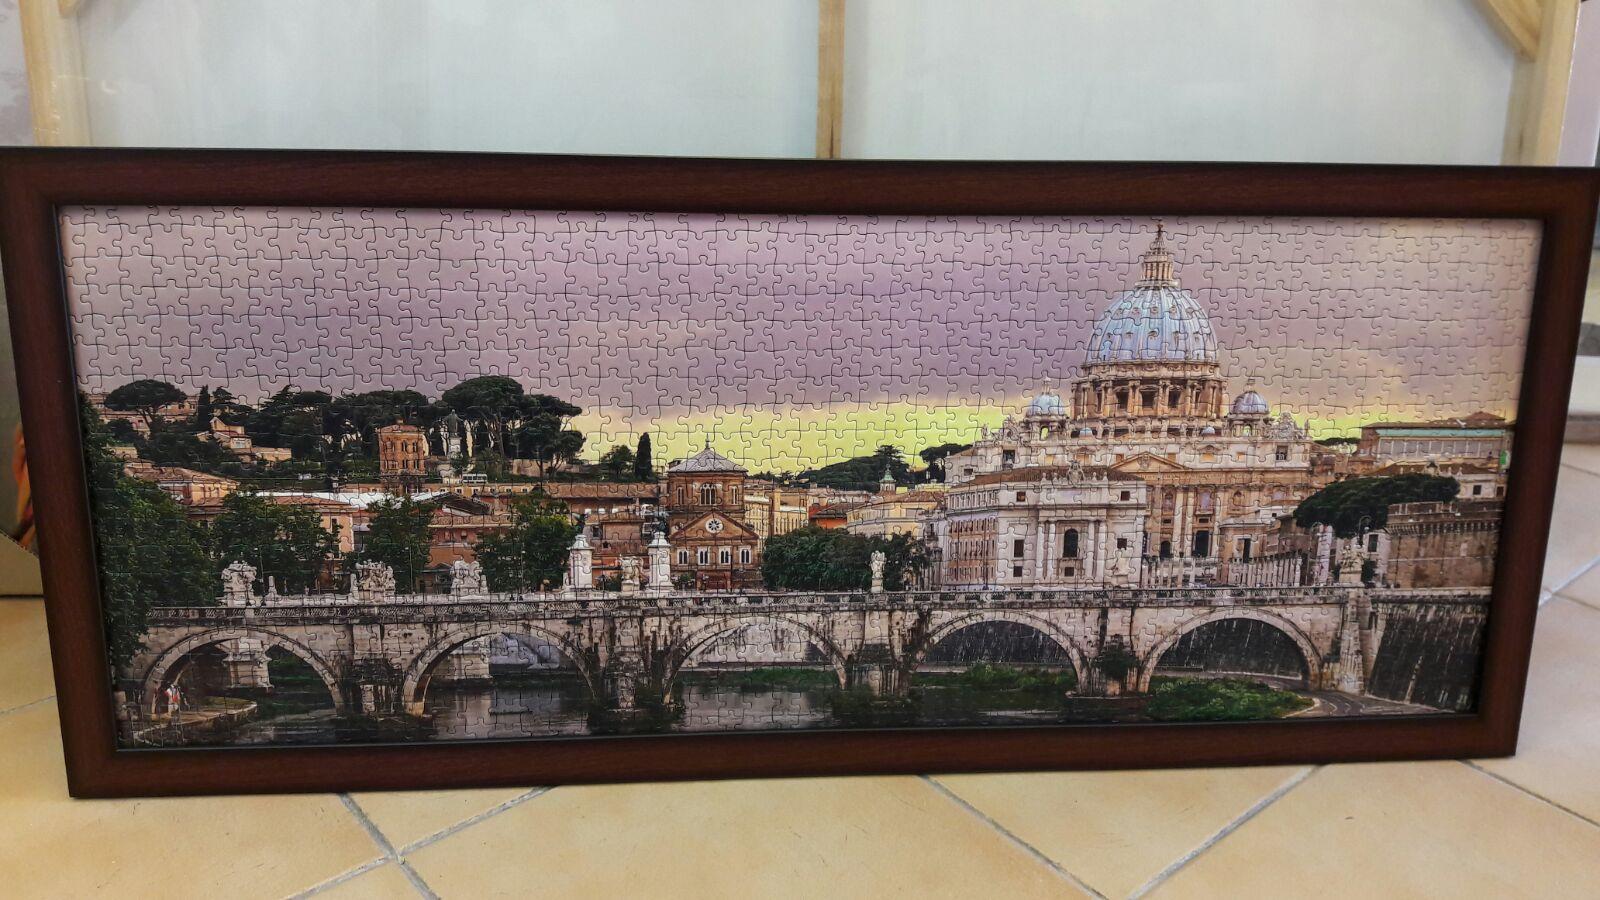 פאזל נוף פנורמי של חברת רוונסבורגר גשר סנטאנג'לו (גשר המלאכים) והותיקן ברומא